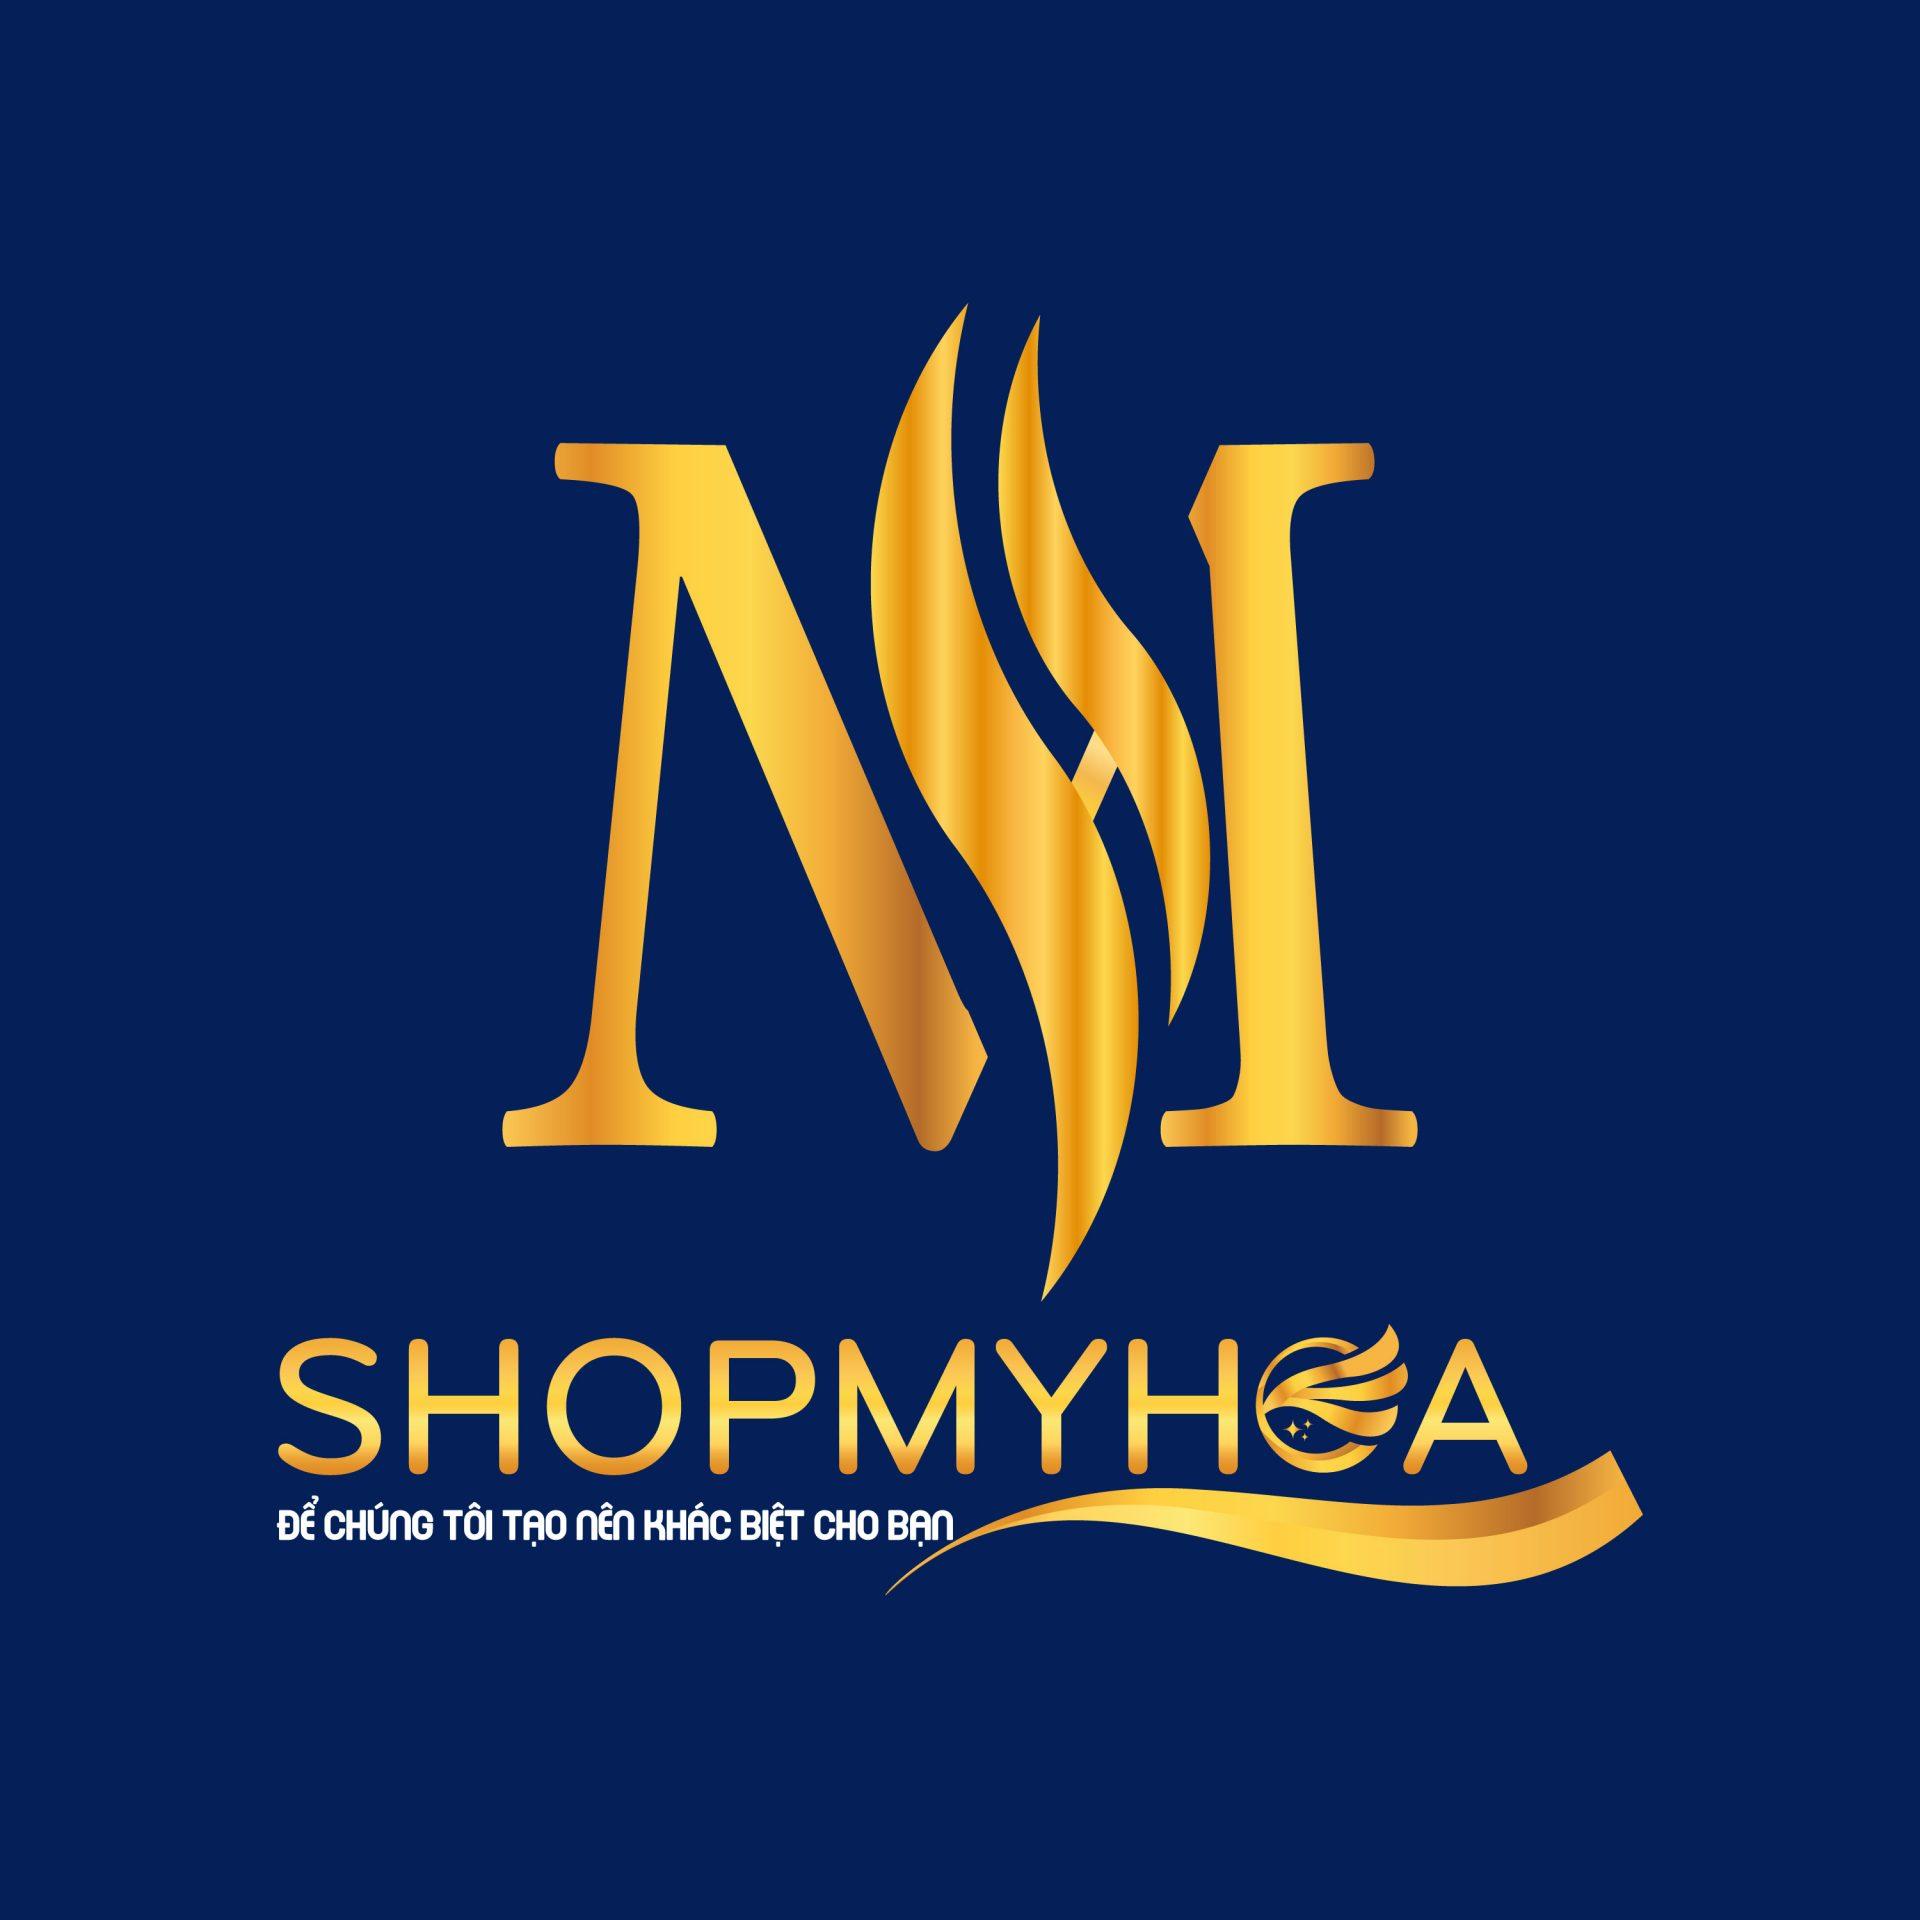 Shop Mỹ Hoa